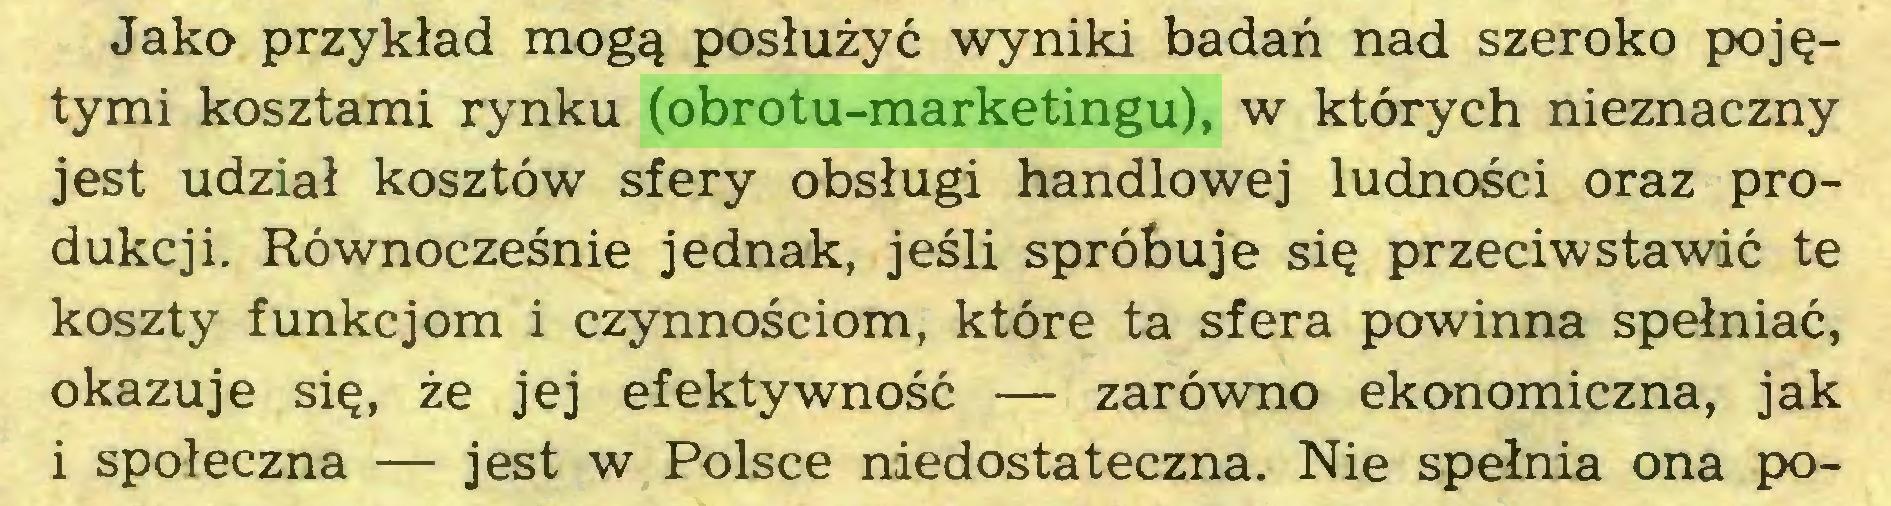 (...) Jako przykład mogą posłużyć wyniki badań nad szeroko pojętymi kosztami rynku (obrotu-marketingu), w których nieznaczny jest udział kosztów sfery obsługi handlowej ludności oraz produkcji. Równocześnie jednak, jeśli spróbuje się przeciwstawić te koszty funkcjom i czynnościom, które ta sfera powinna spełniać, okazuje się, że jej efektywność — zarówno ekonomiczna, jak i społeczna — jest w Polsce niedostateczna. Nie spełnia ona po...